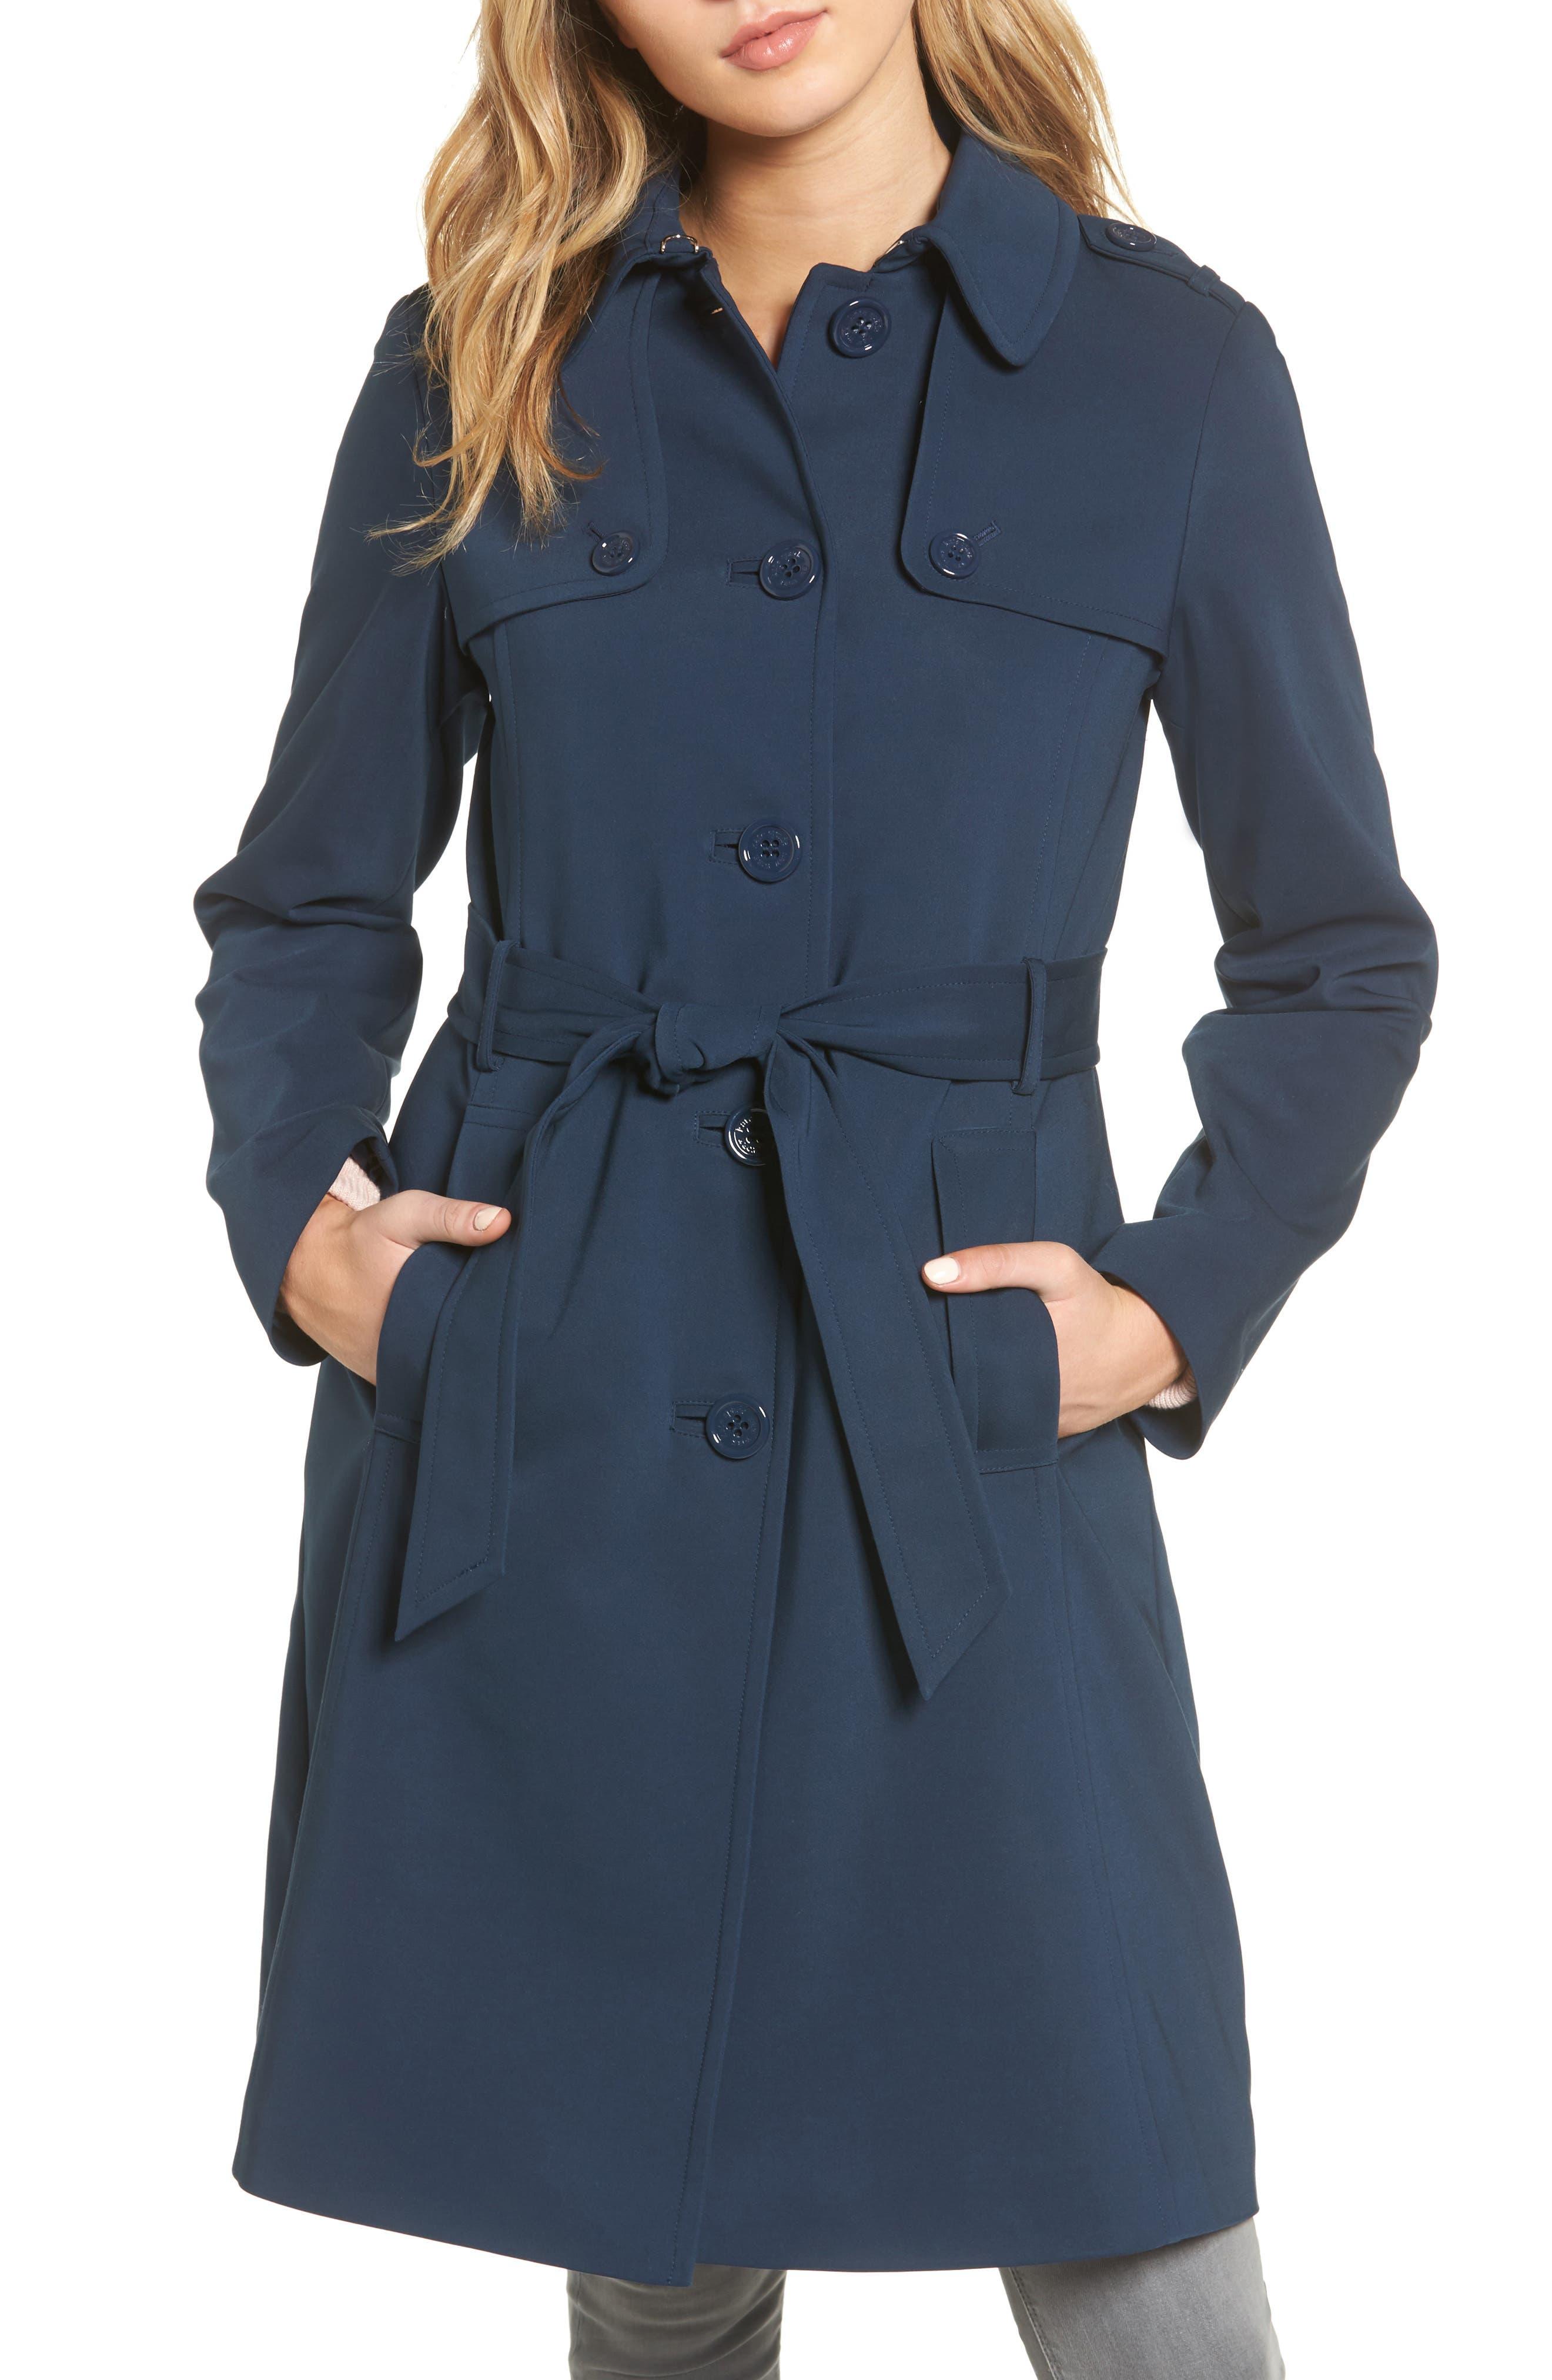 kate spade new york 3-in-1 trench coat